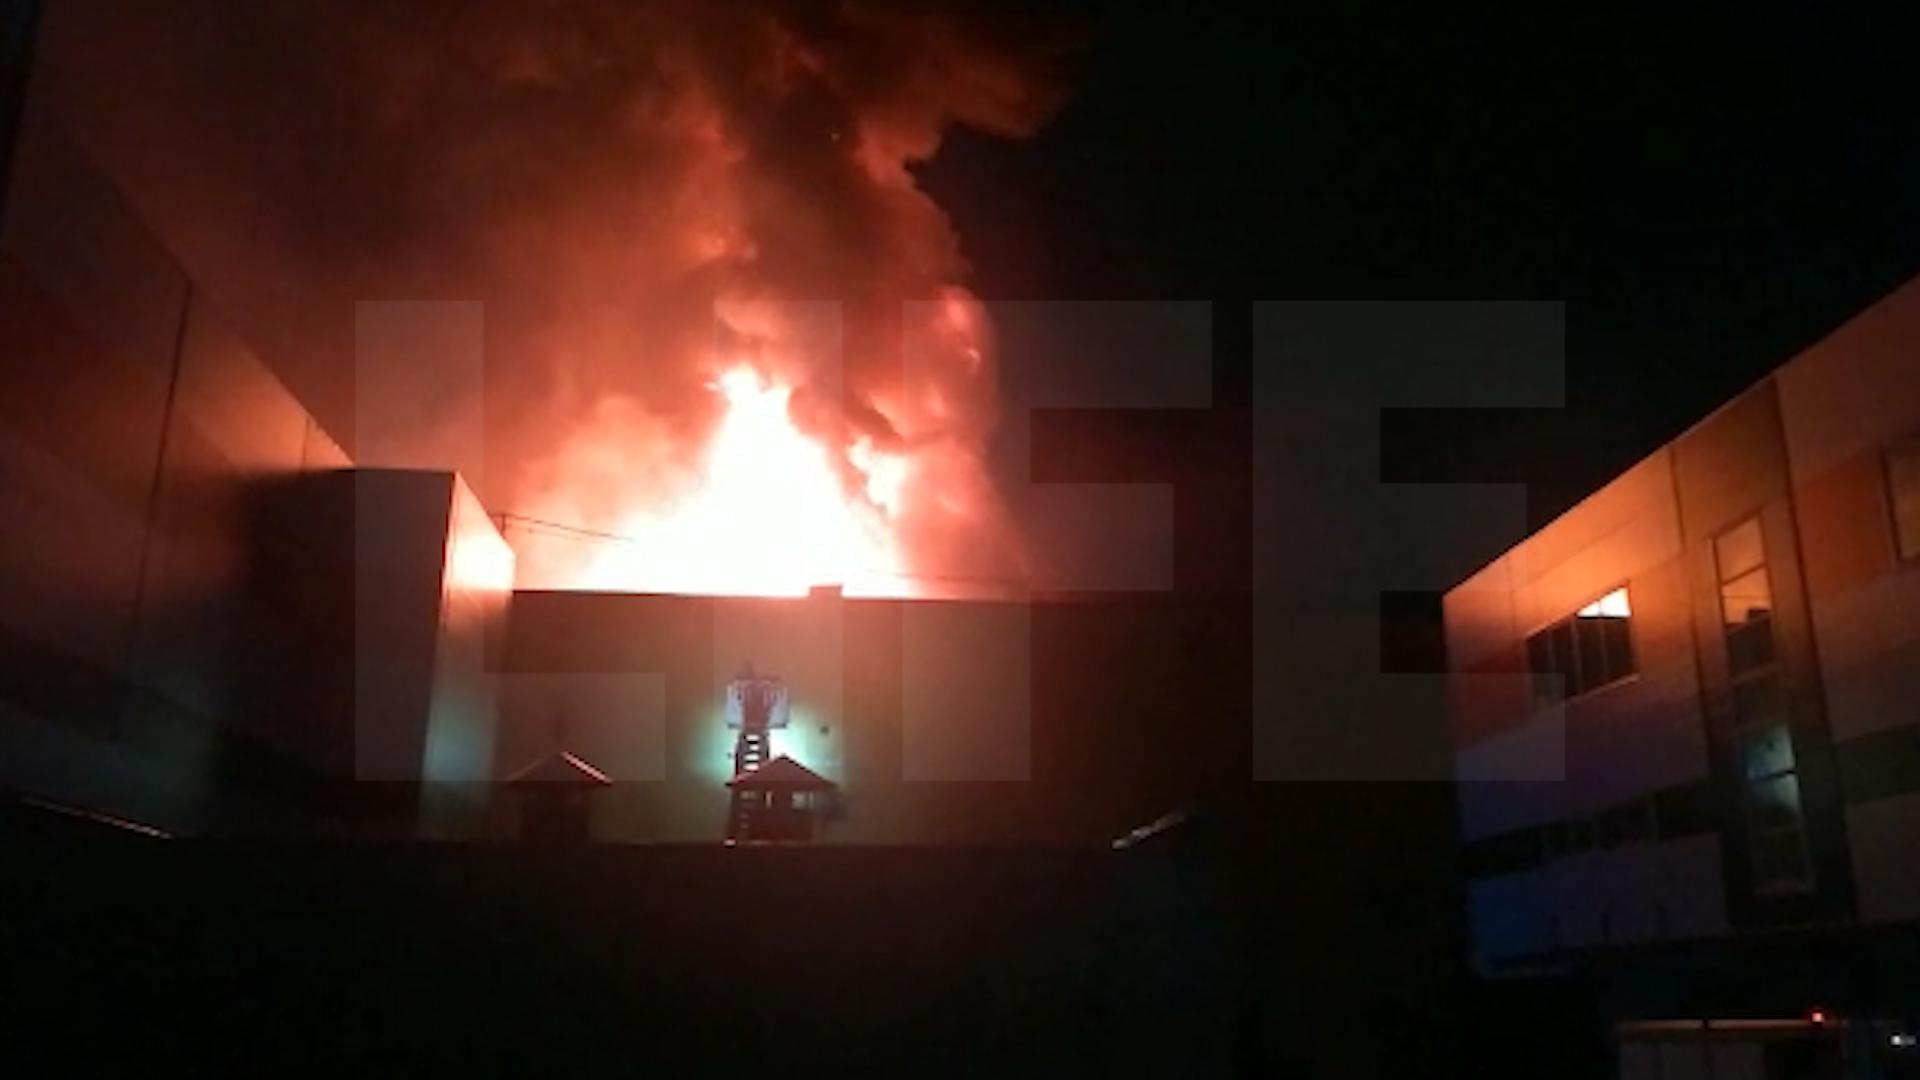 На юго-востоке Москвы загорелся склад на площади 2 тысячи квадратов, тушат с вертолётов